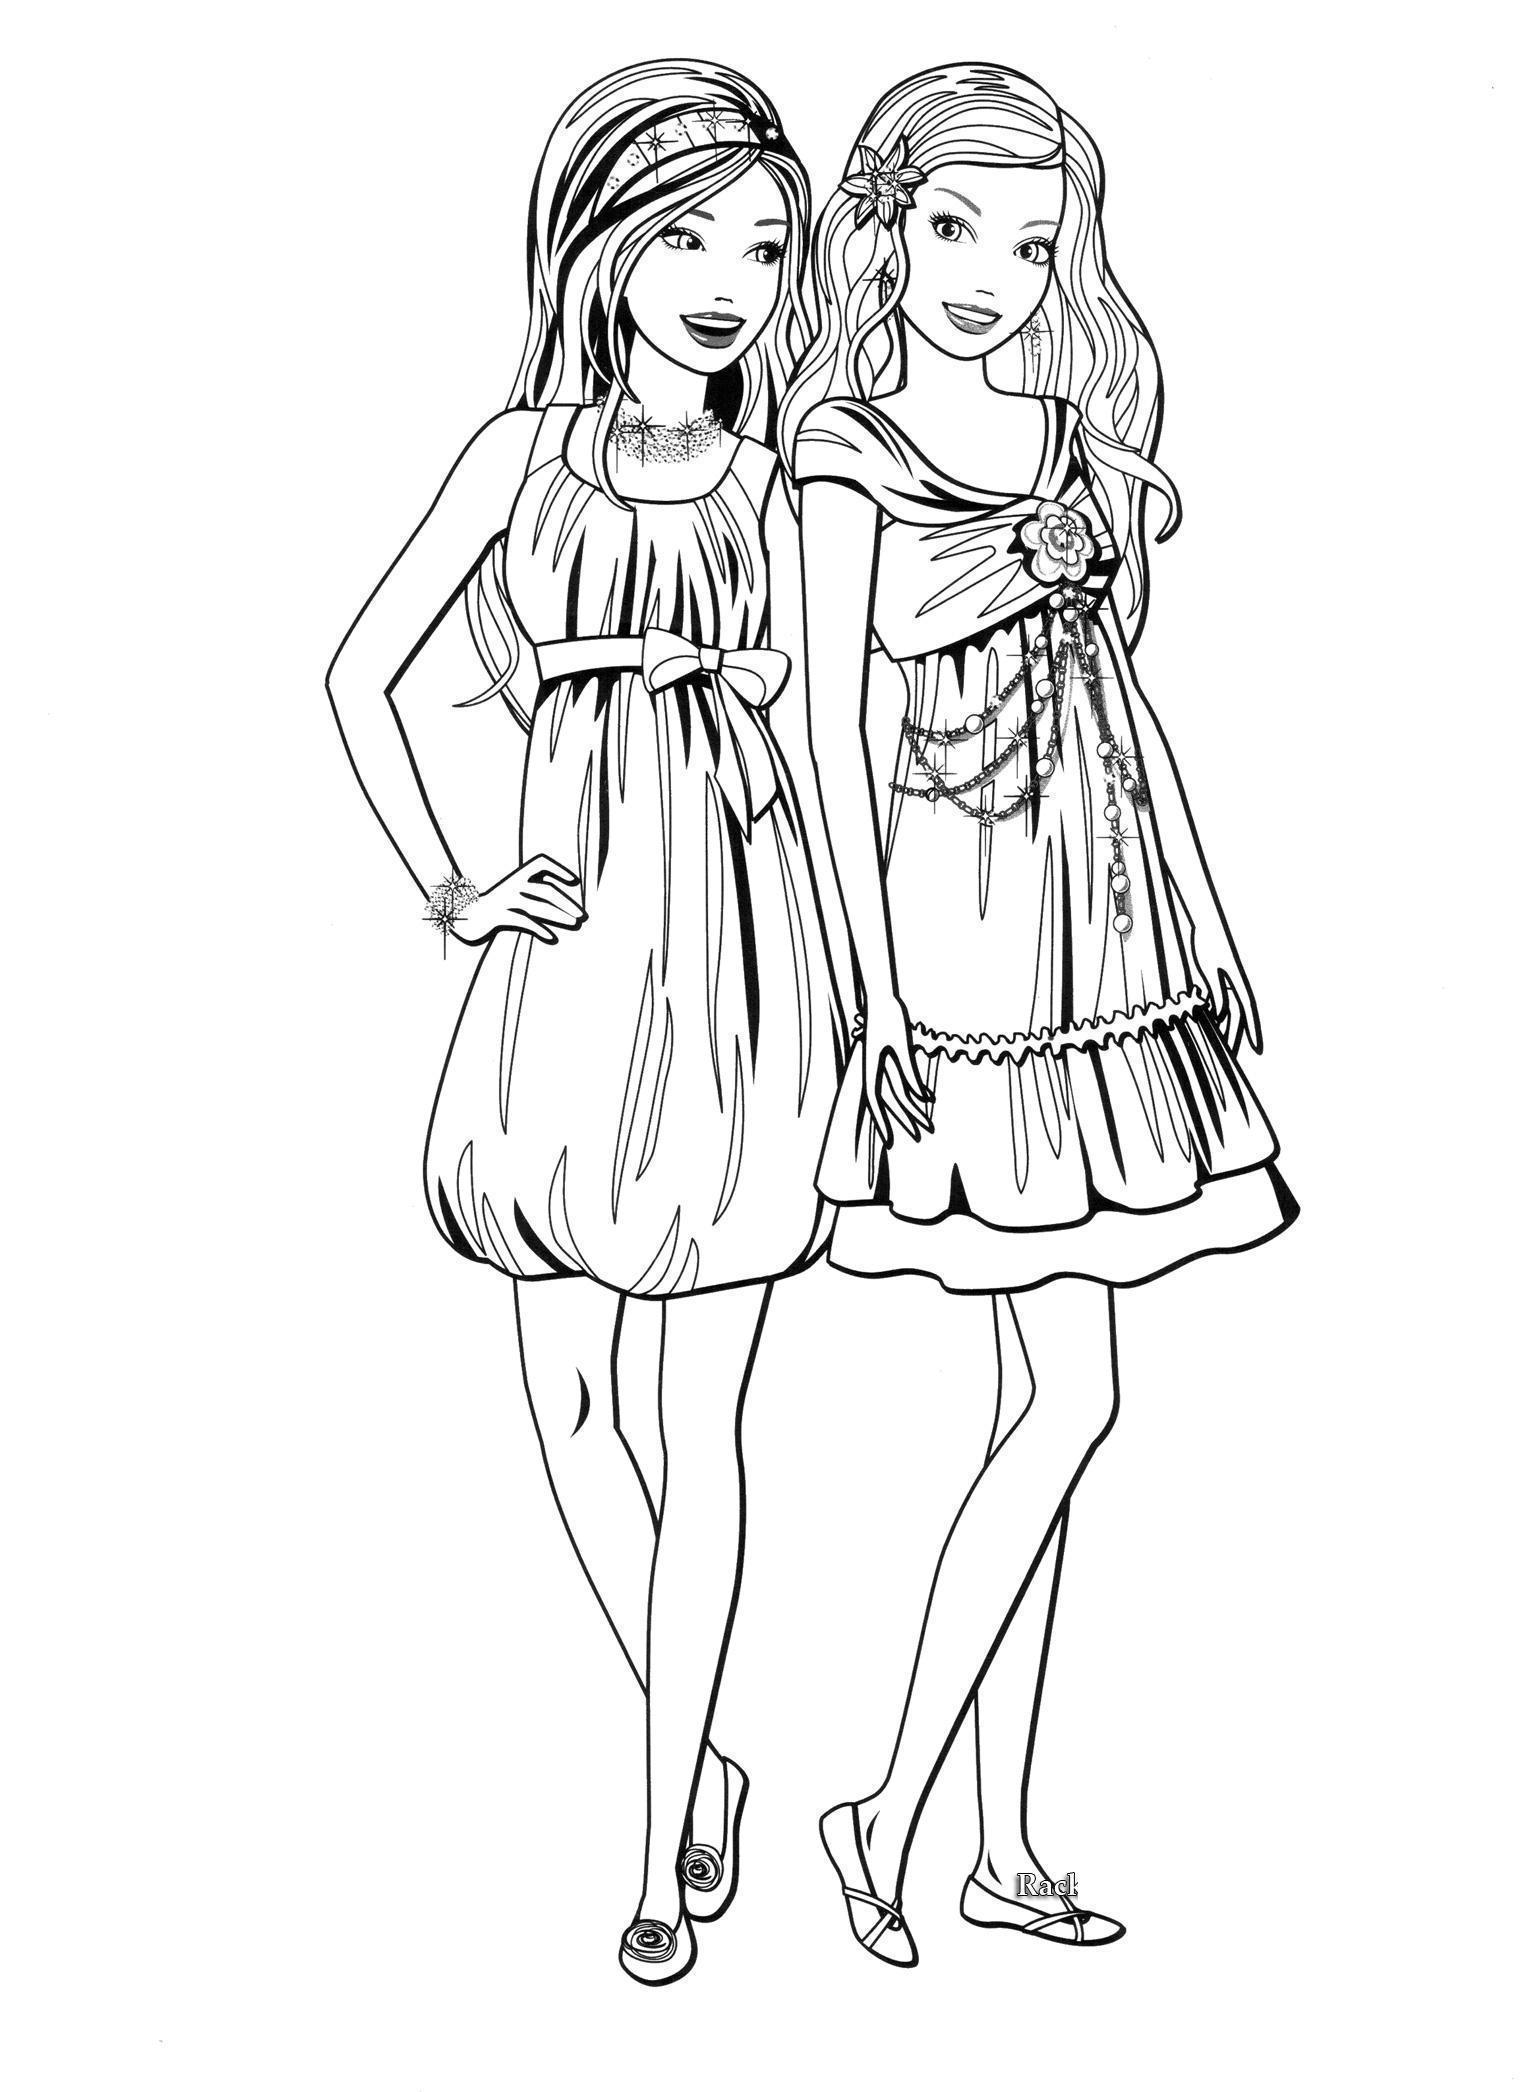 Девочки в любимых платьях Раскраски для девочек скачать